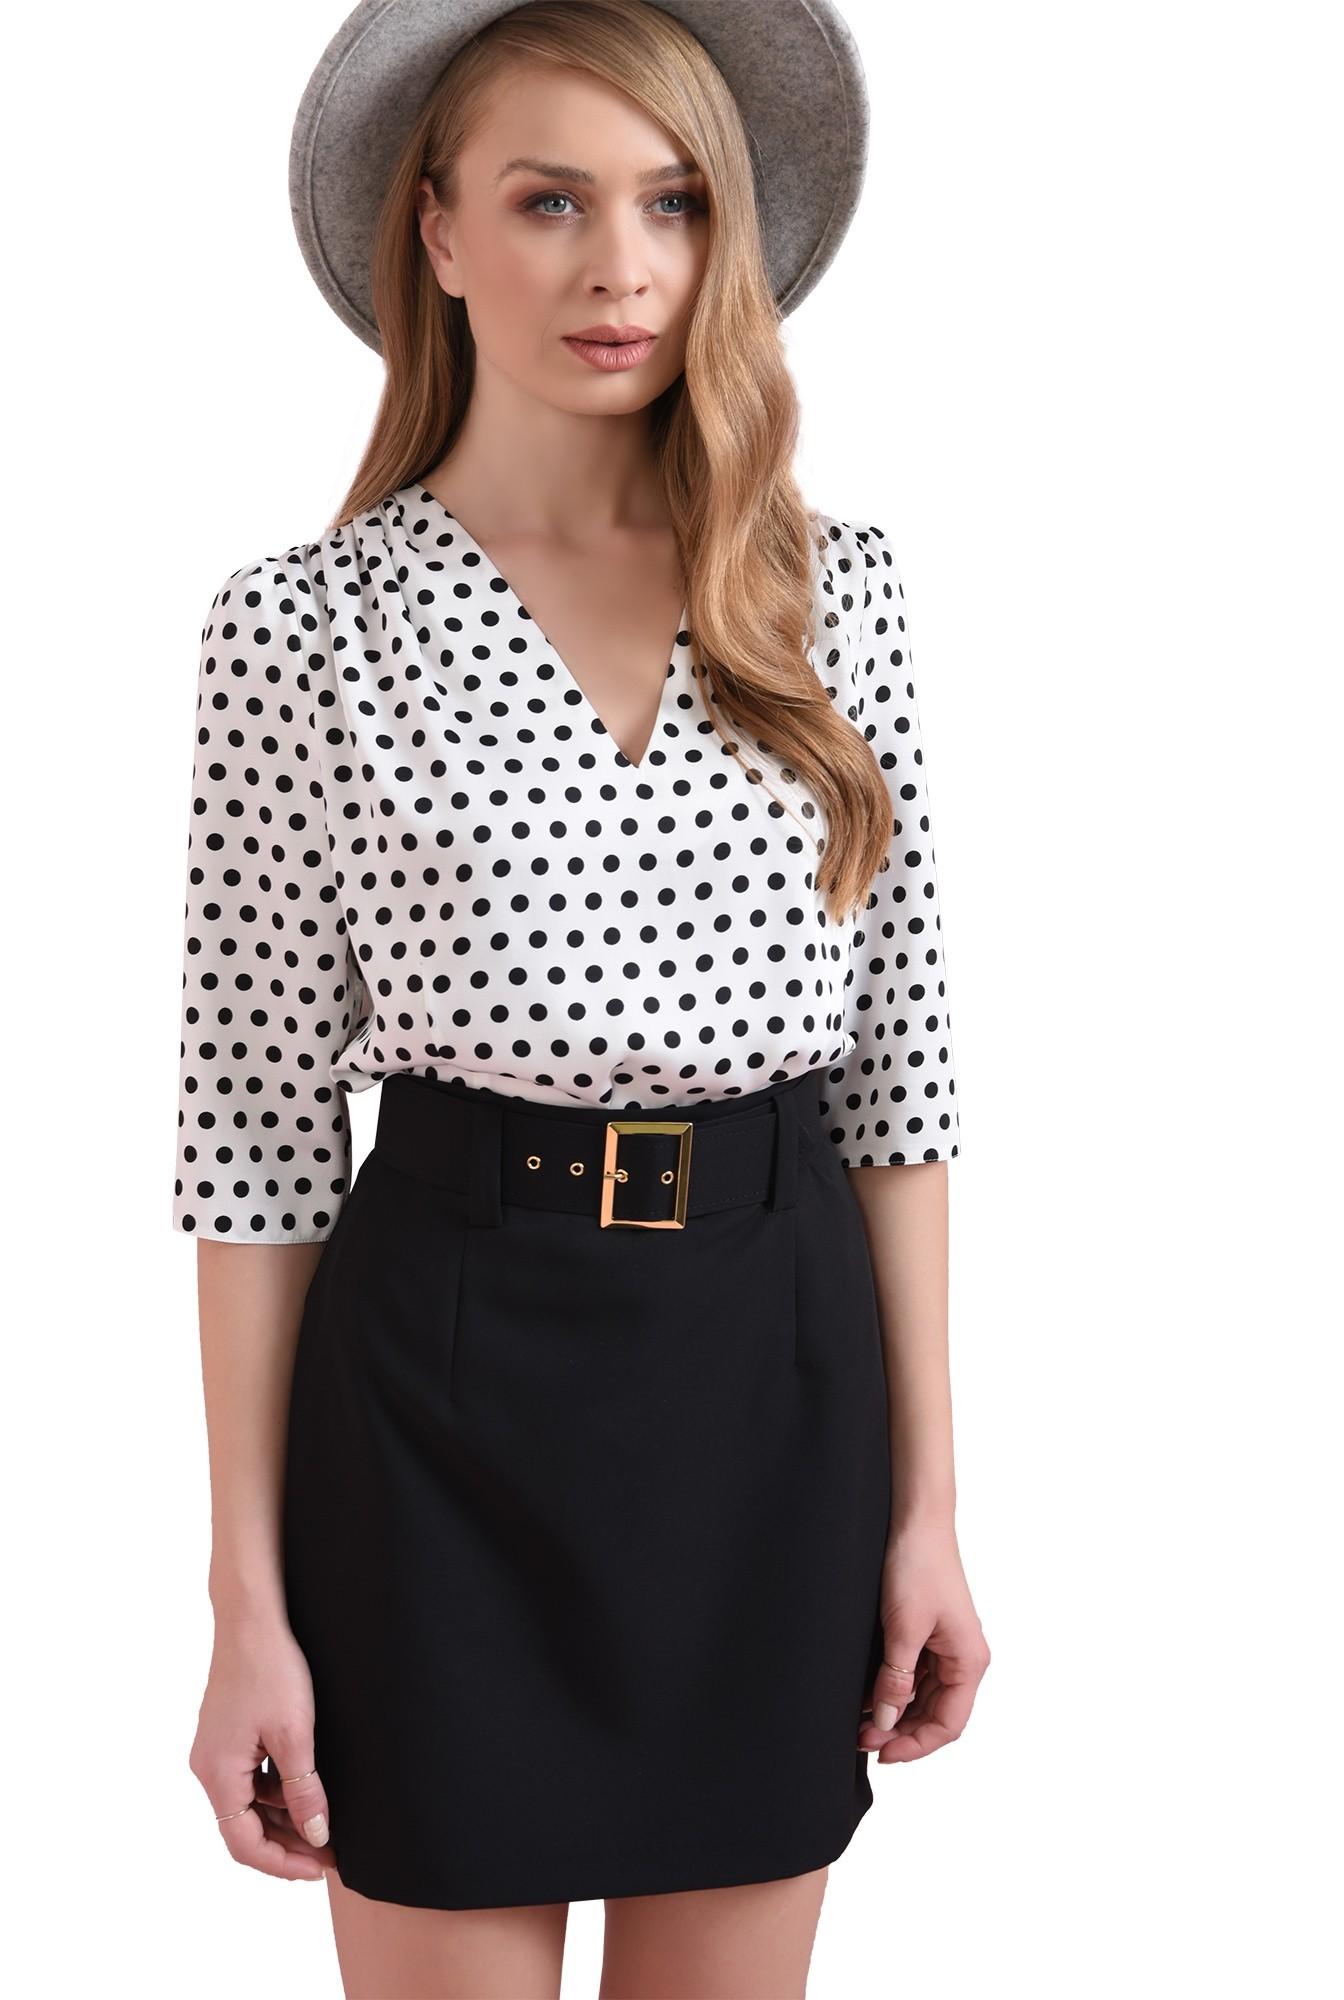 3 - bluza cu imprimeu, cu umeri accentuati